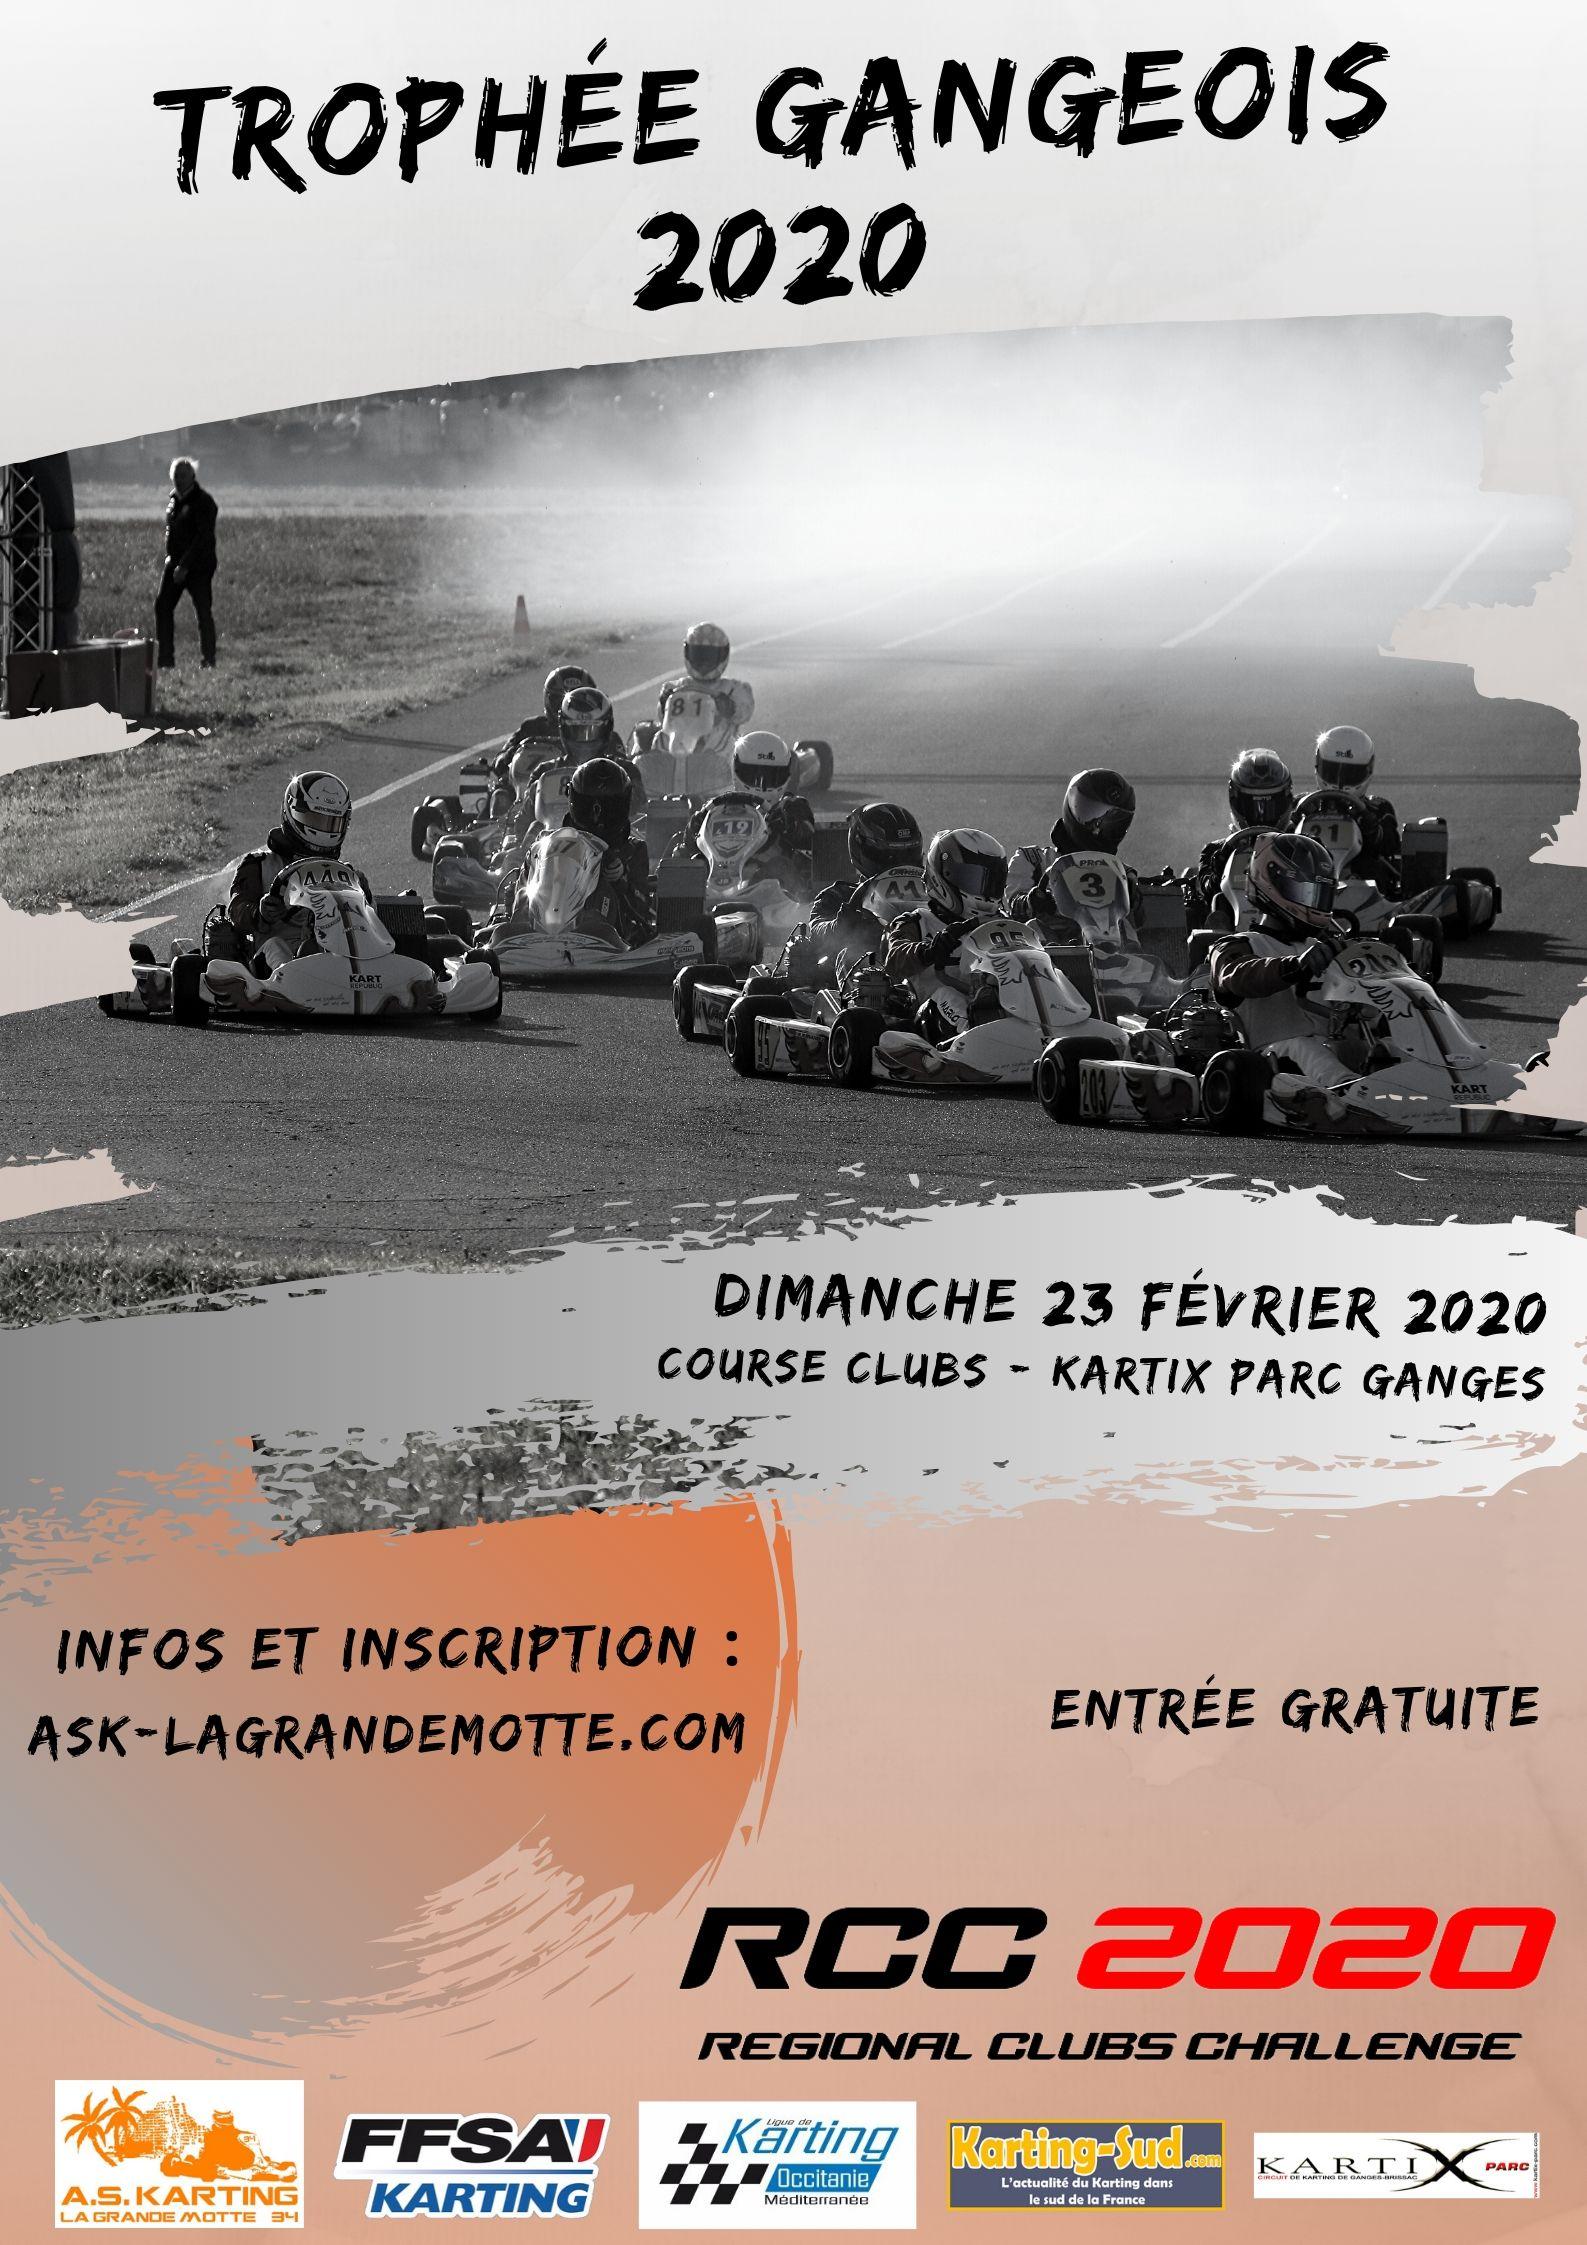 Trophée Gangeois 2020